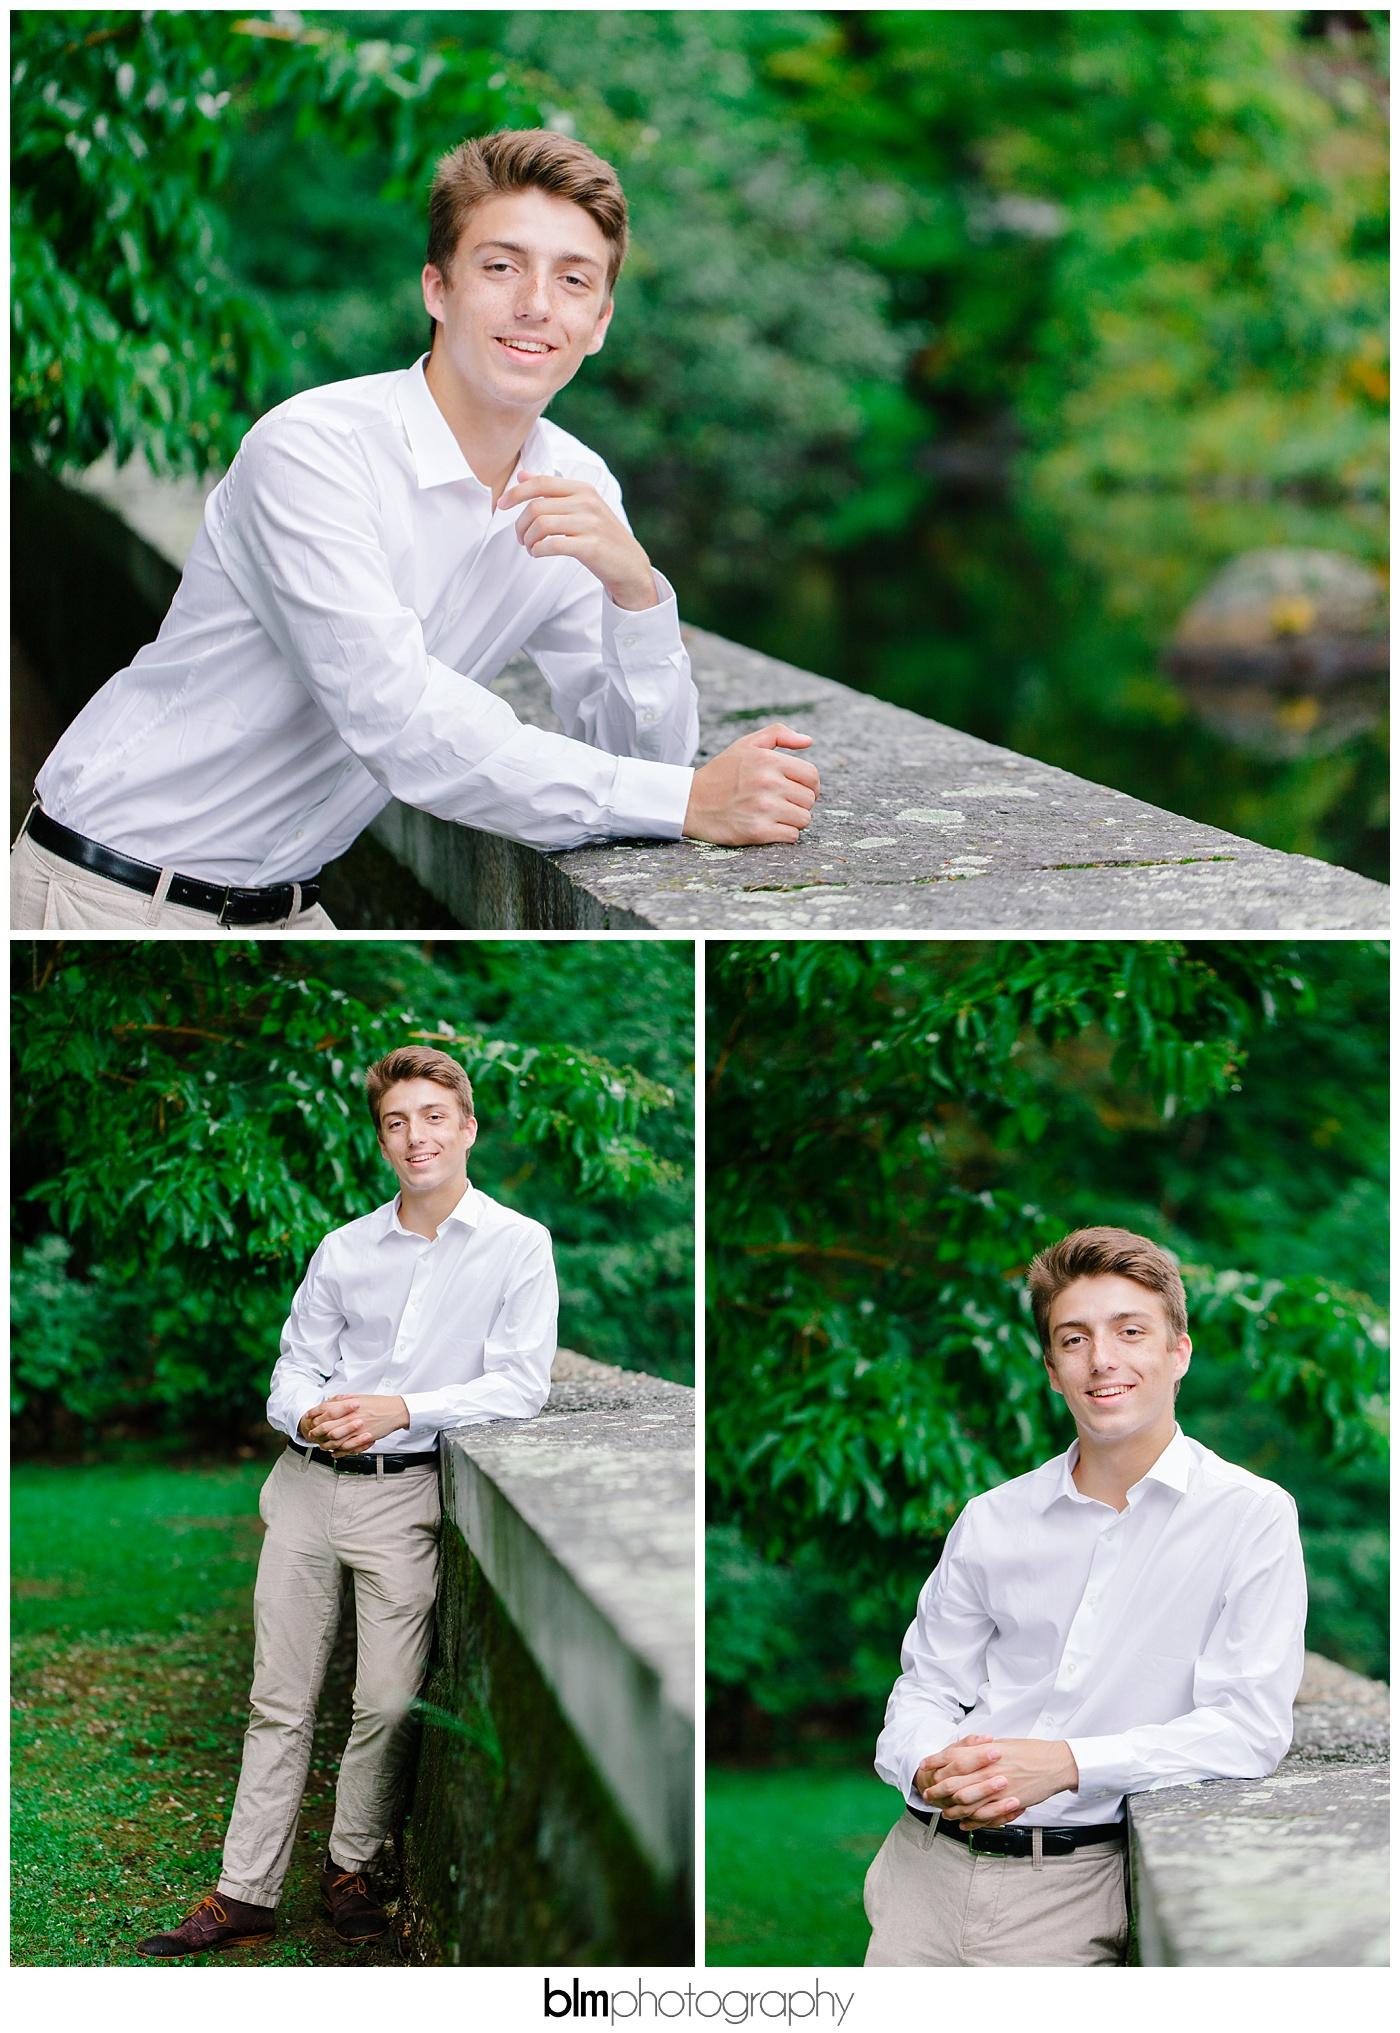 Michael_Zrzavy_Senior-Portraits_091916-6581.jpg